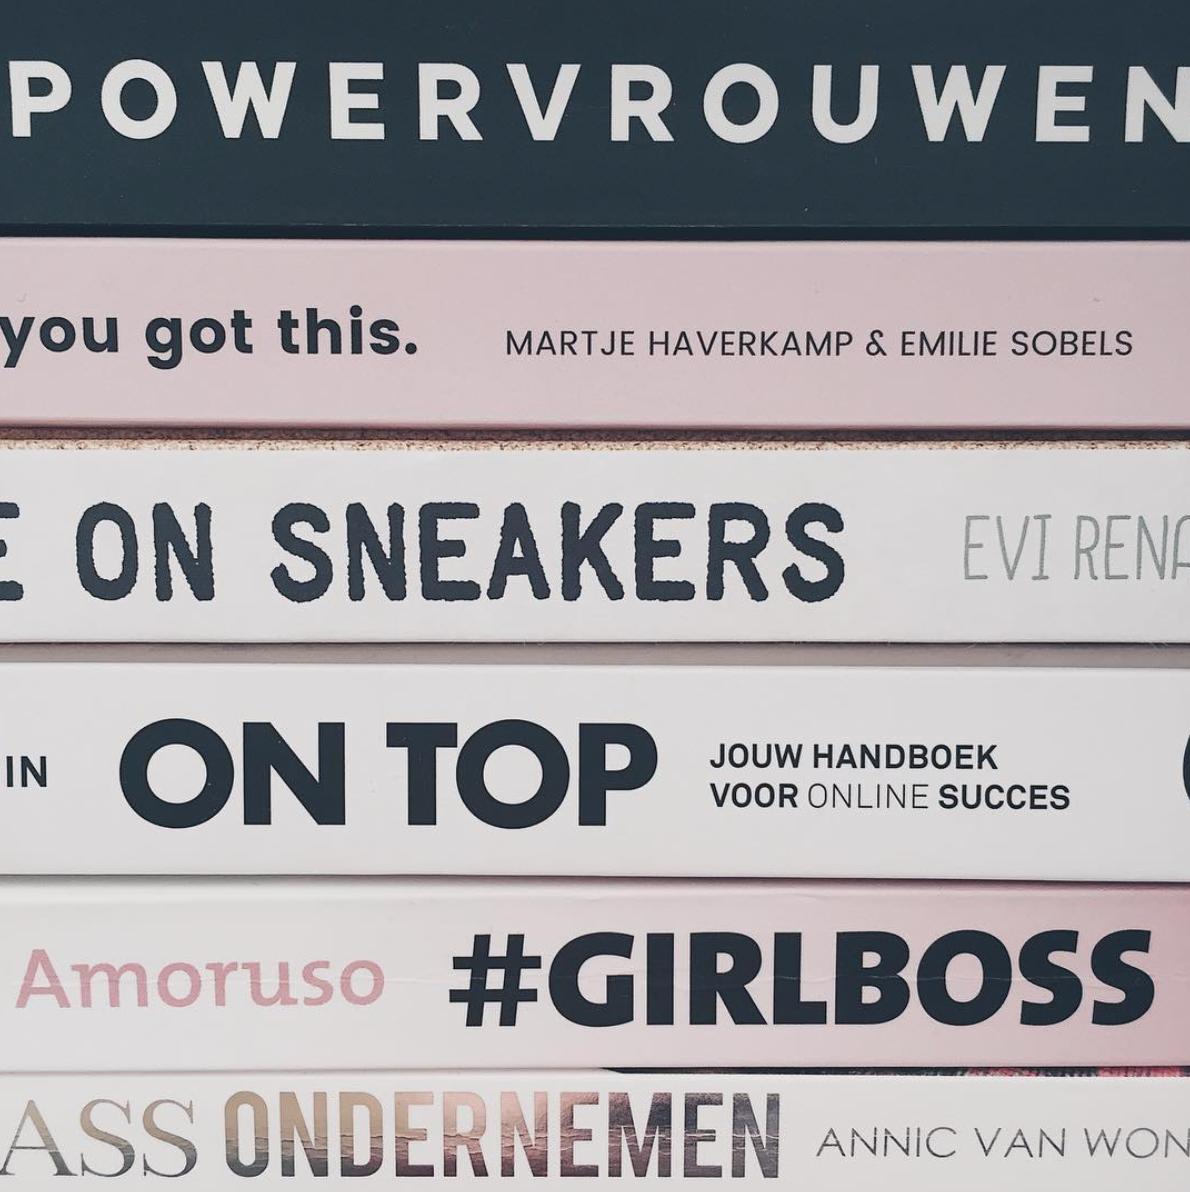 Meisjes met ambitie en een beperking